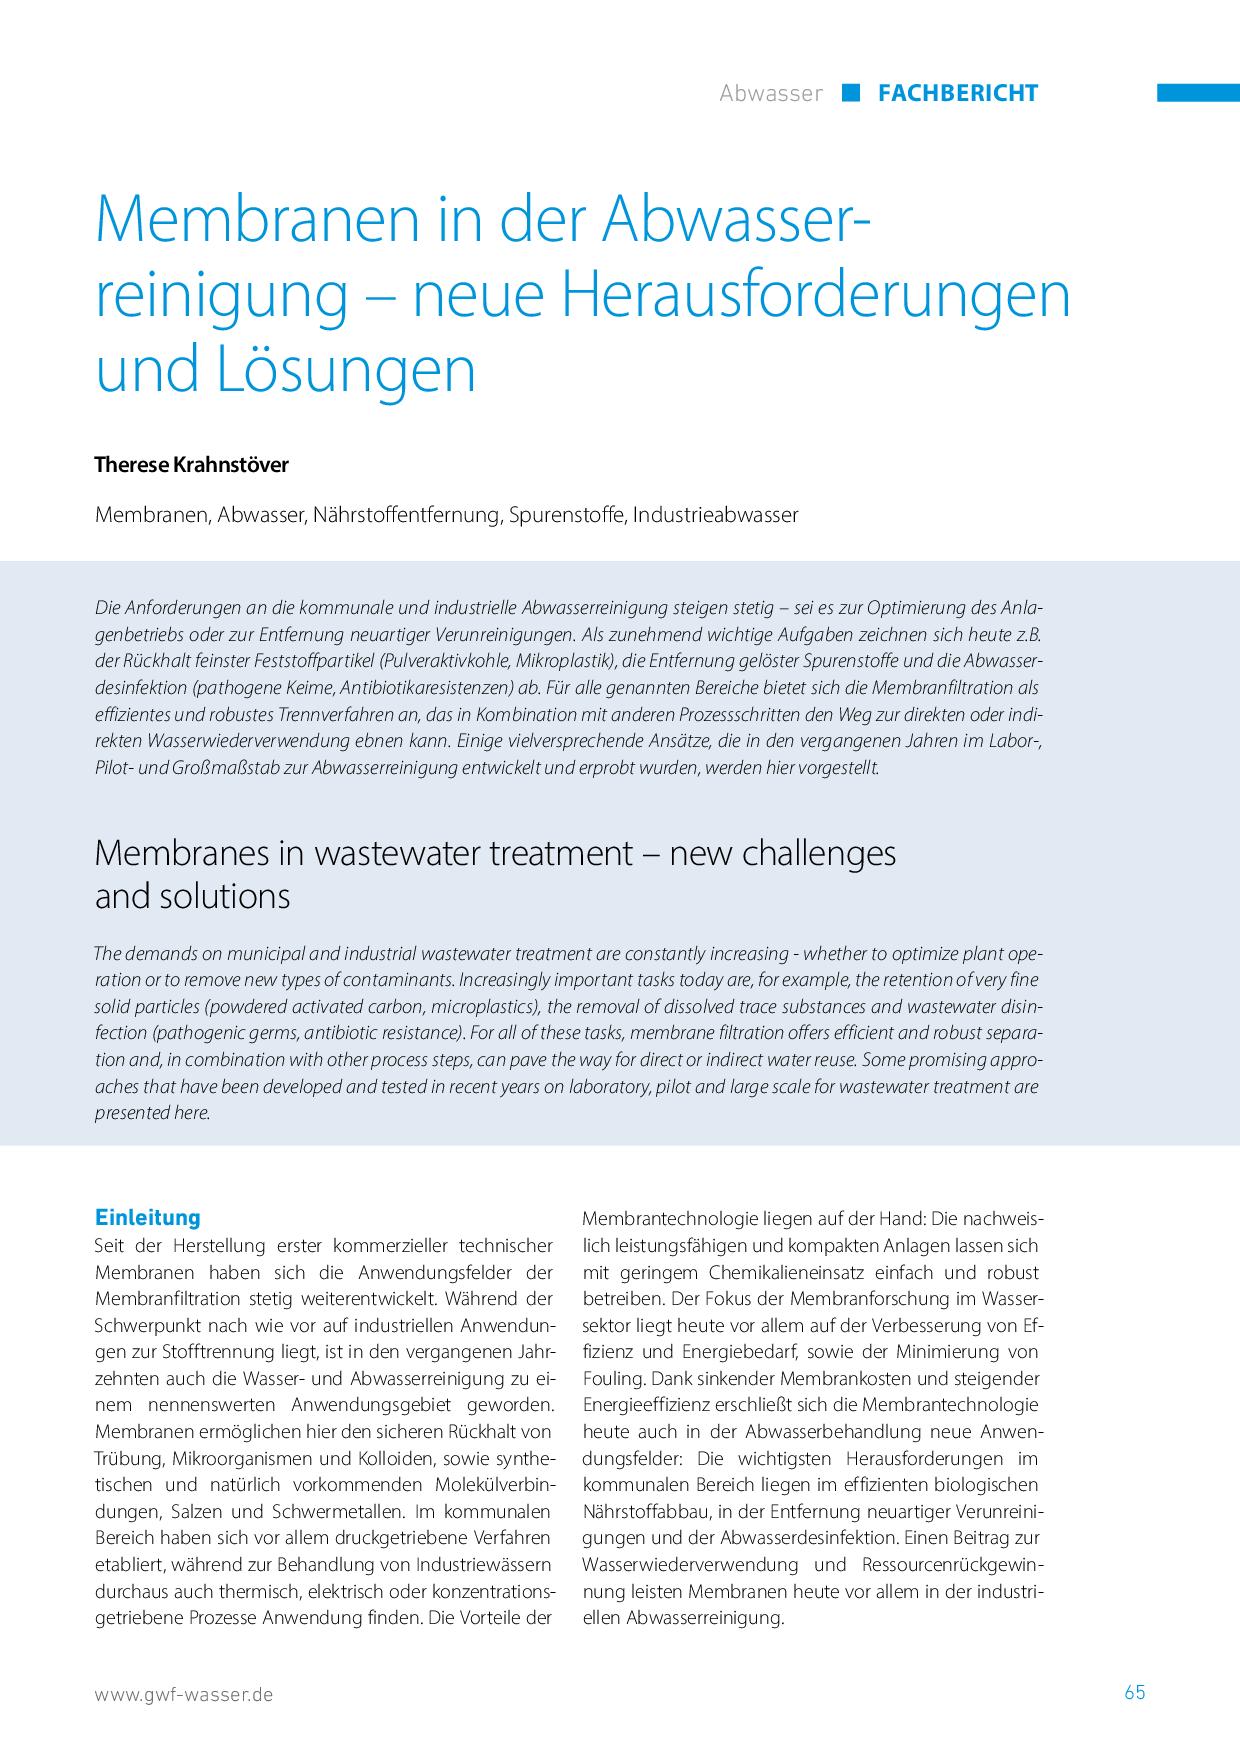 Membranen in der Abwasserreinigung – neue Herausforderungen und Lösungen